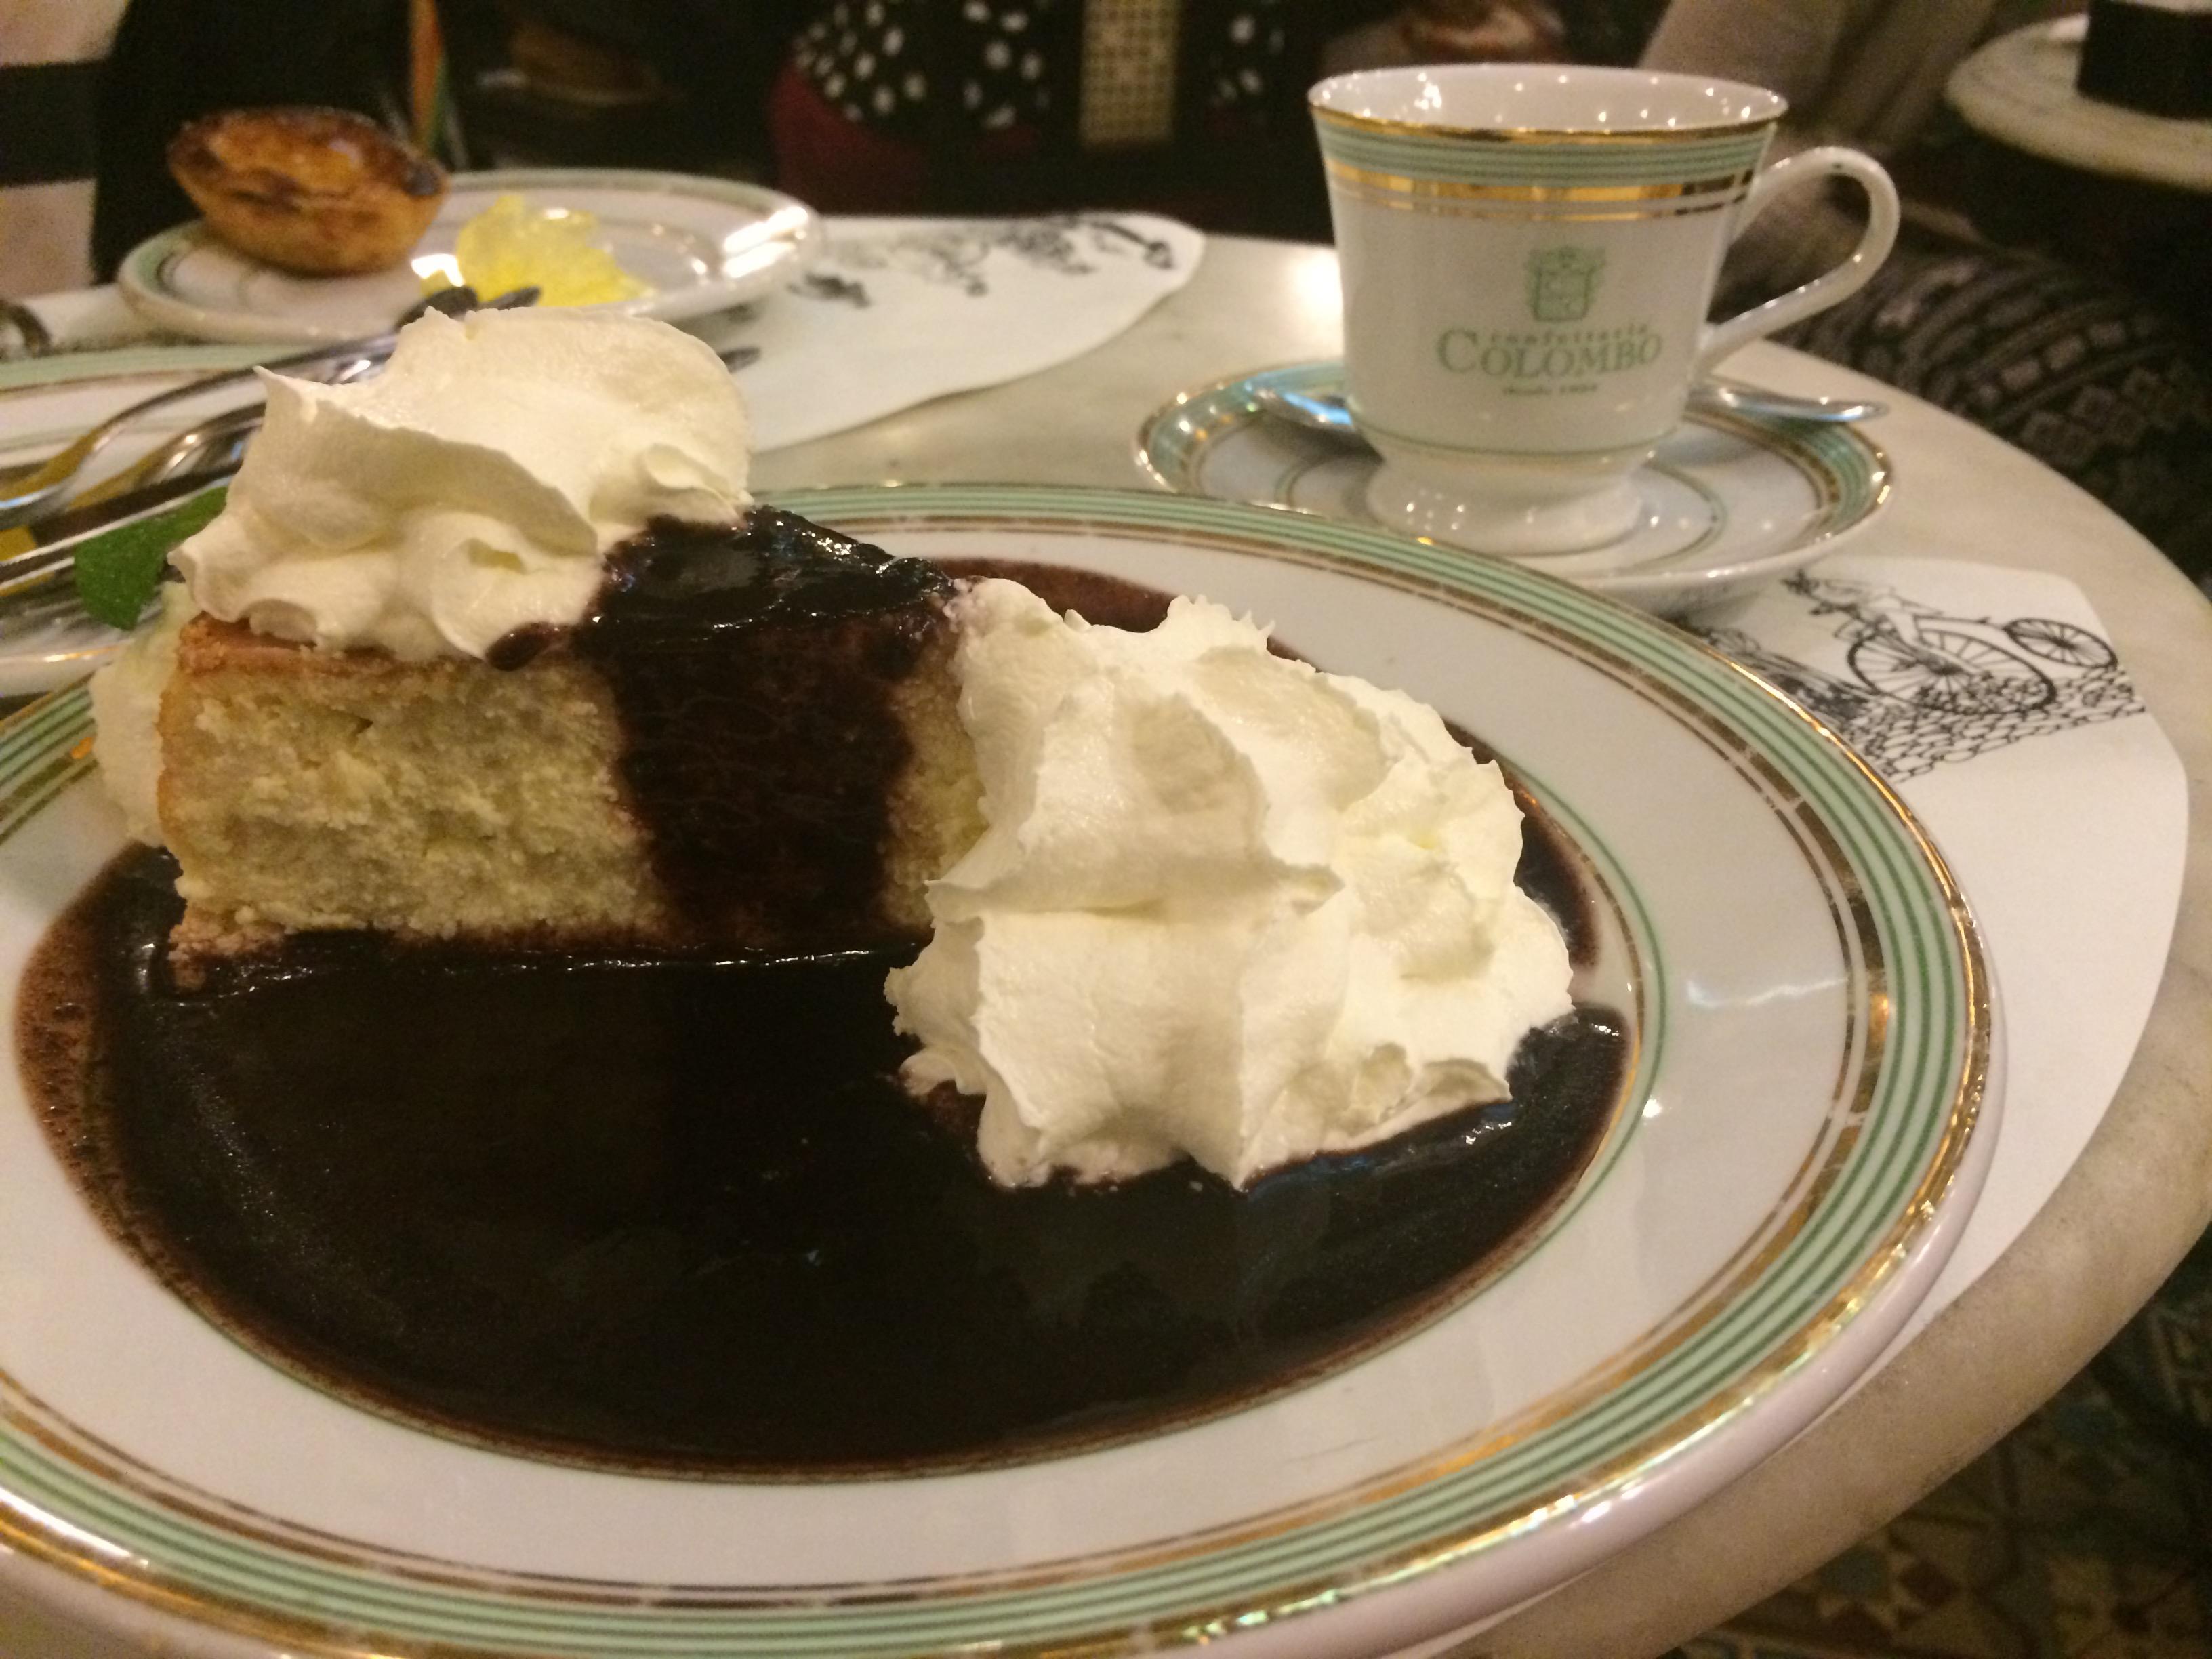 Cheesecake com coulis de açaí. Não sou muito fã de cheesecake, mas pedi pela curiosidade da calda, hehe. Estava muito bom, recomendo!